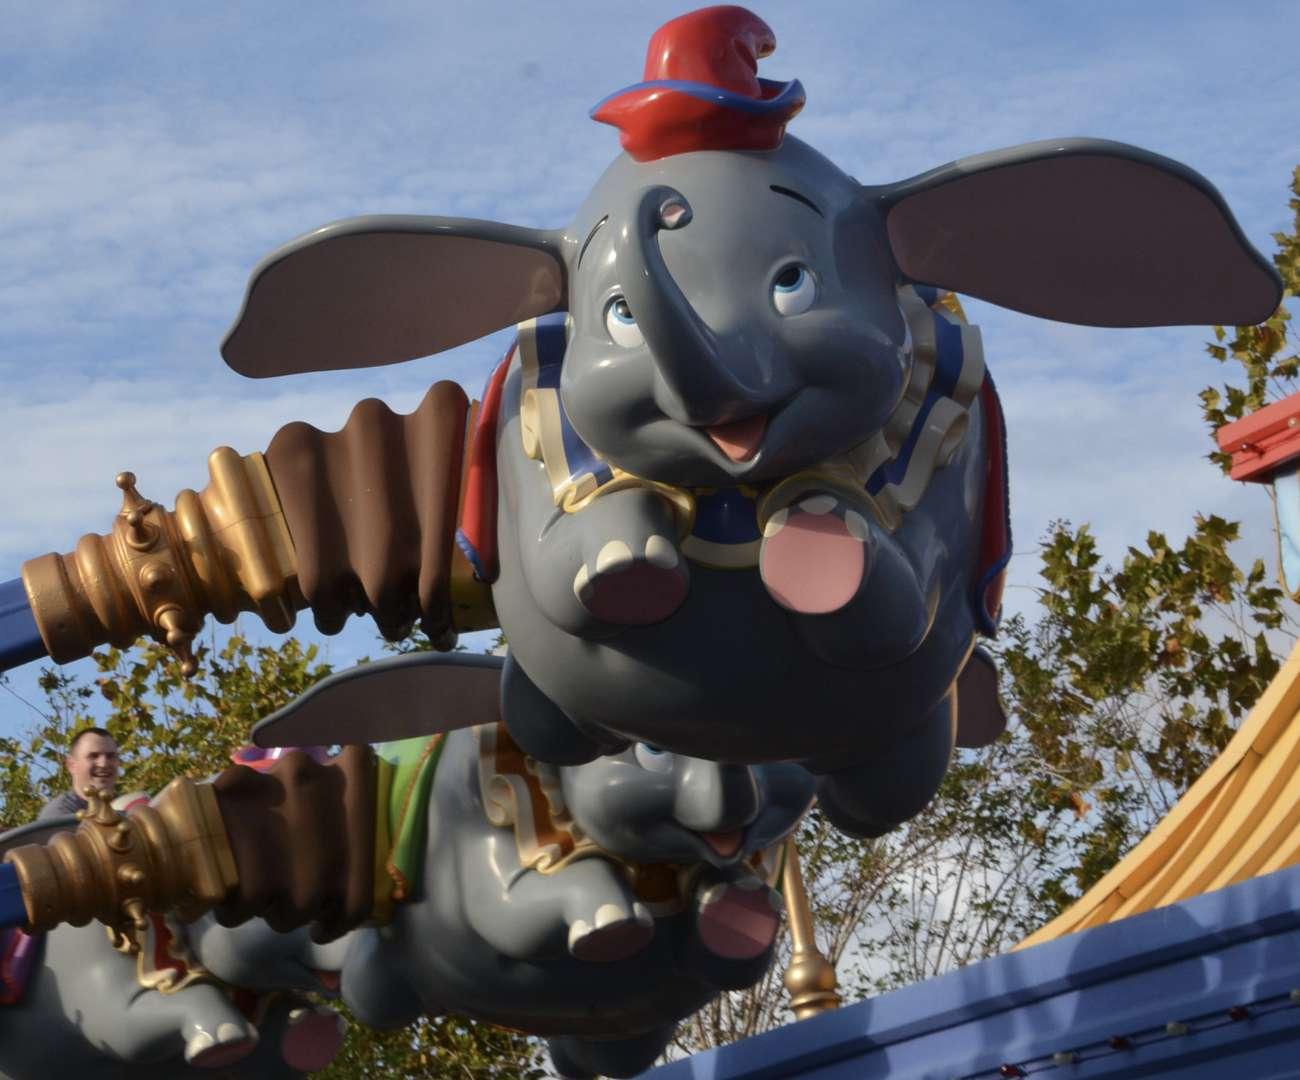 Themenparks in Florida versprechen Spaß für die ganze Familie. Hier: erwachsener Mann im Dumbo.Karussel